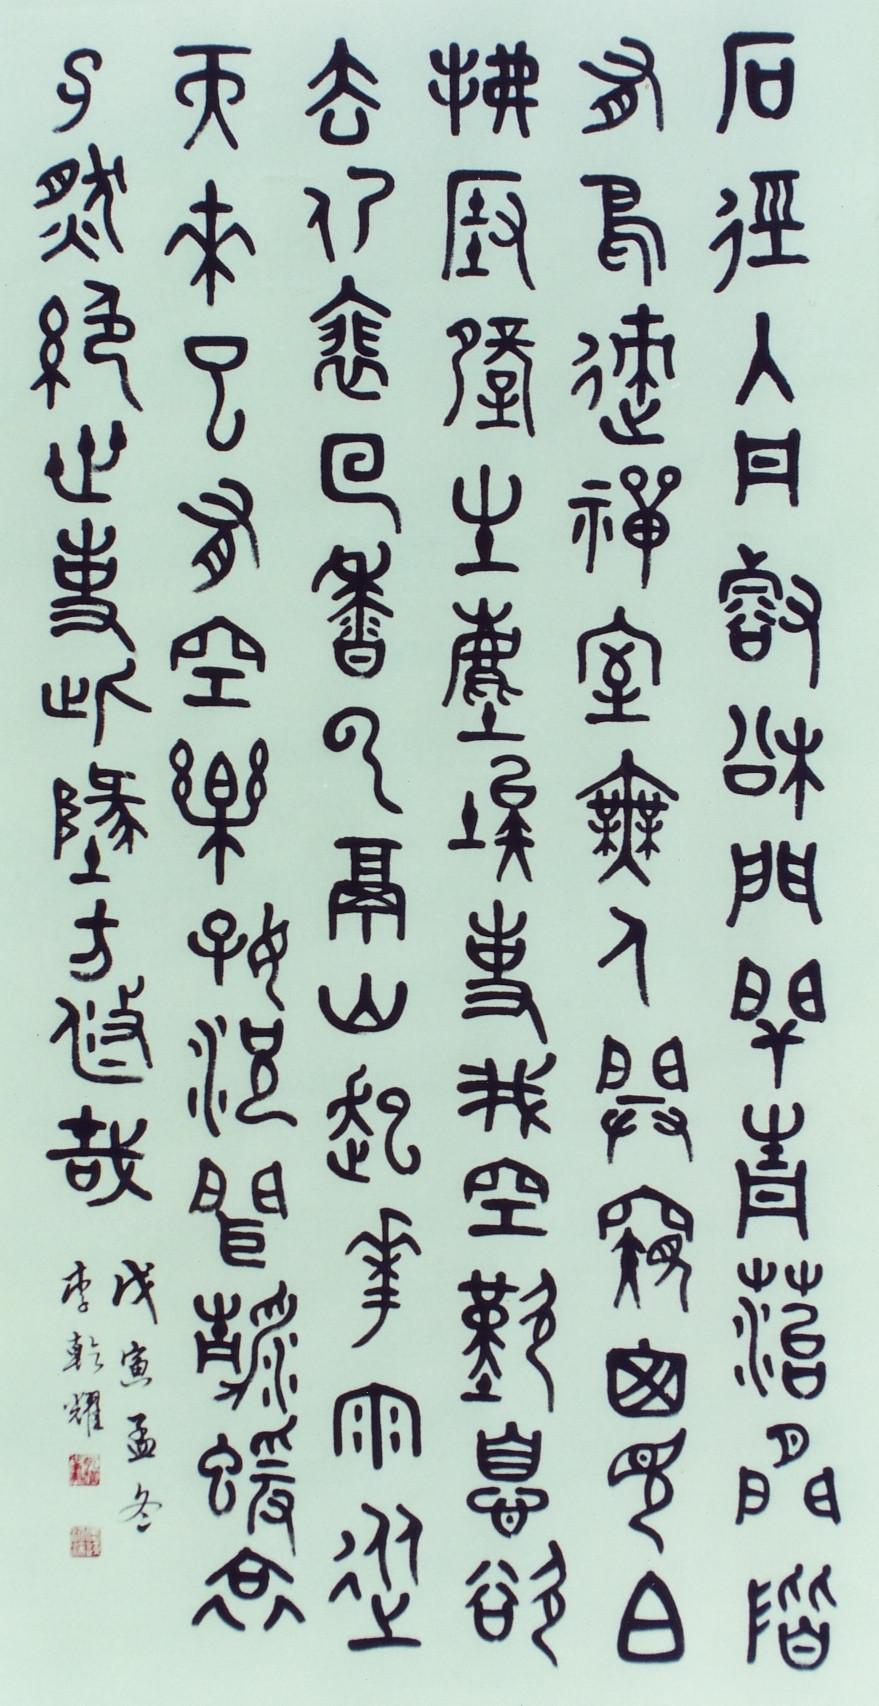 李乾耀-金文, 中堂《李白〈寻山僧不遇作〉》